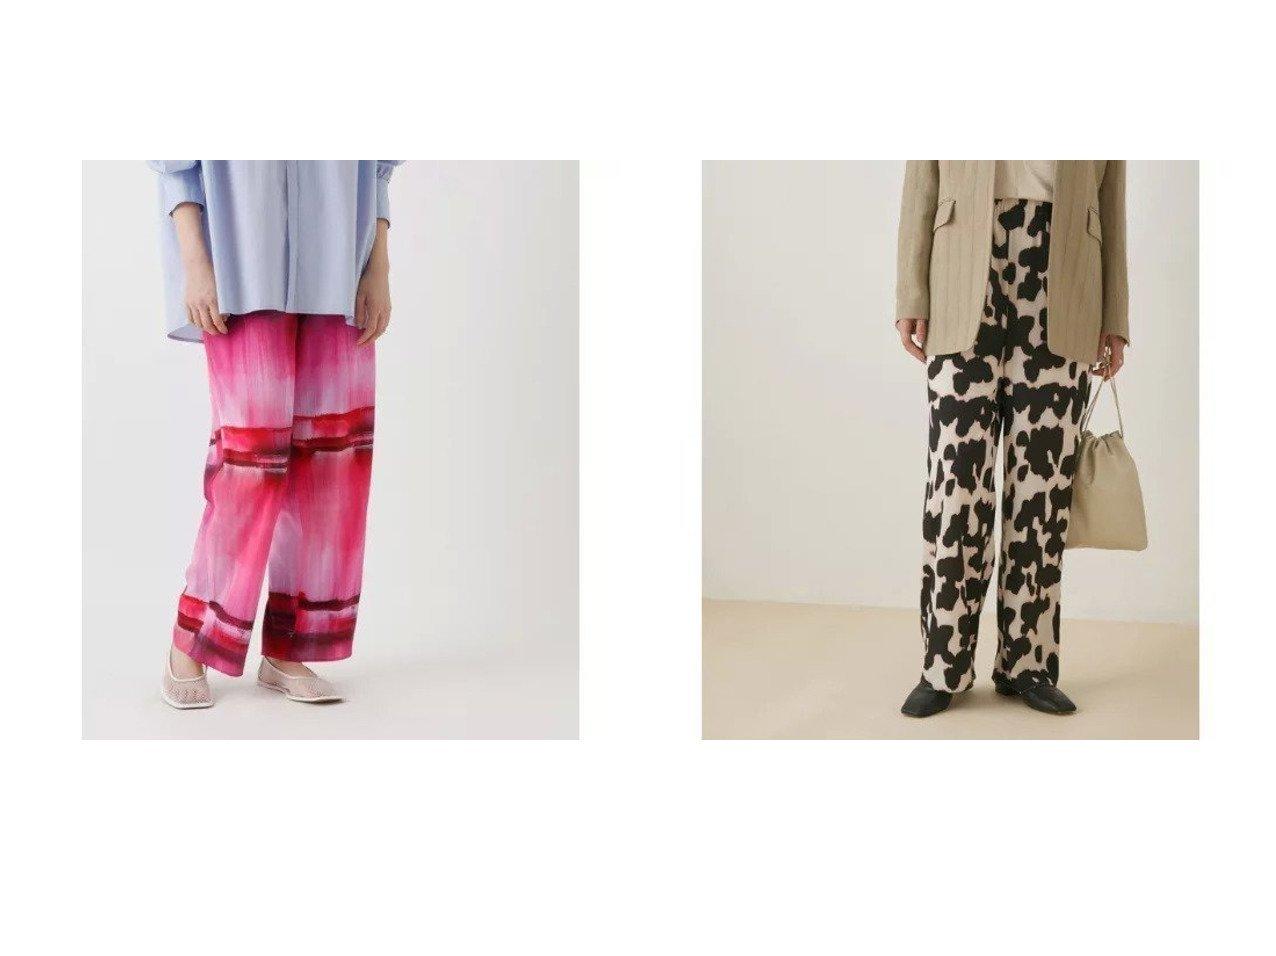 【Adam et Rope/アダム エ ロペ】のデシンプリントイージーパンツ パンツのおすすめ!人気トレンド・レディースファッションの通販 おすすめで人気の流行・トレンド、ファッションの通販商品 メンズファッション・キッズファッション・インテリア・家具・レディースファッション・服の通販 founy(ファニー) https://founy.com/ ファッション Fashion レディースファッション WOMEN パンツ Pants アニマル グラデーション シンプル プリント ポケット モノトーン |ID:crp329100000008959